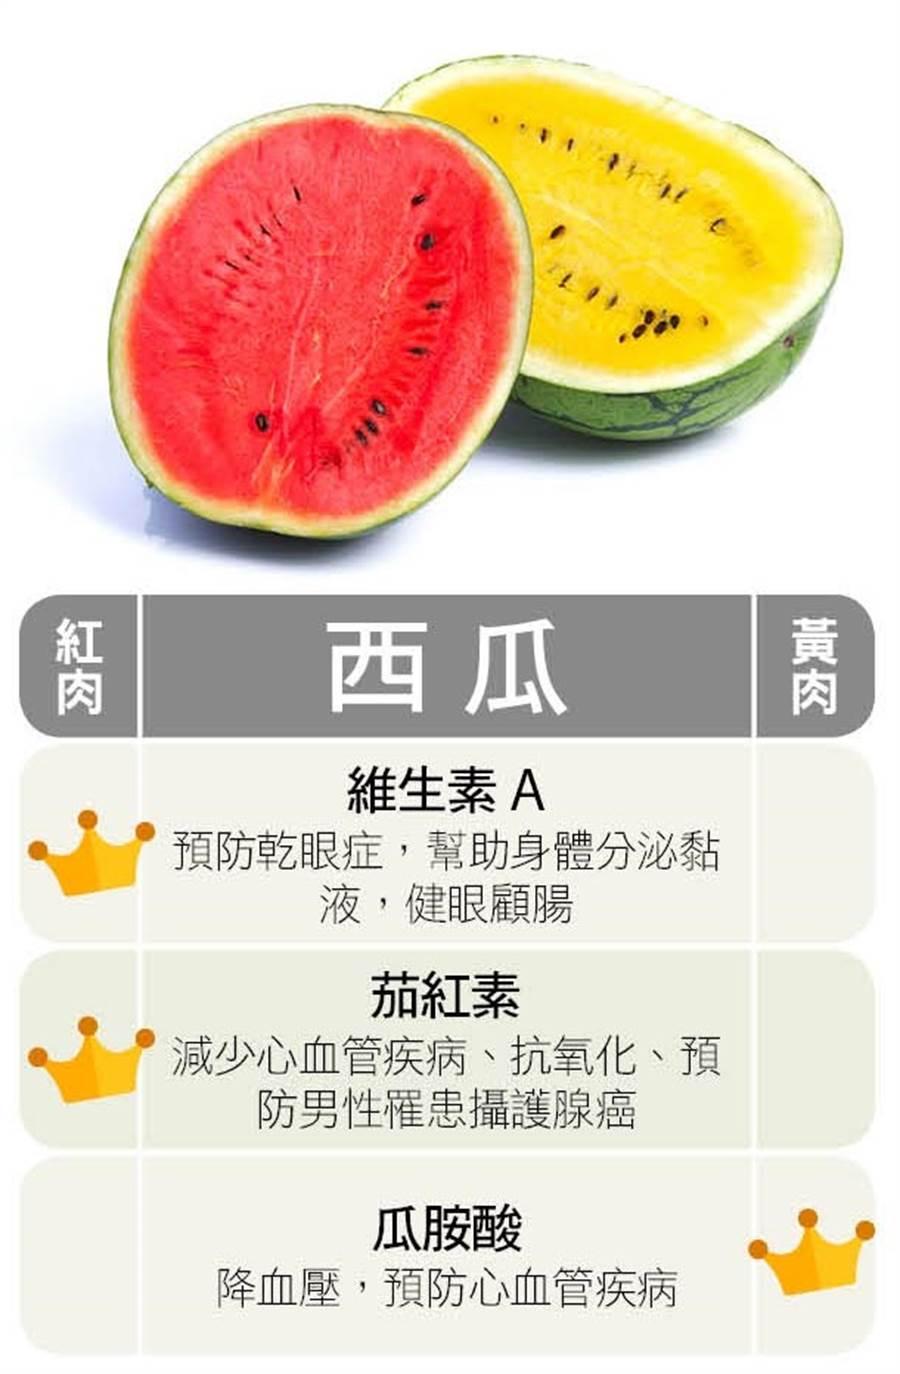 西瓜吃紅肉或黃肉各有不同效果。